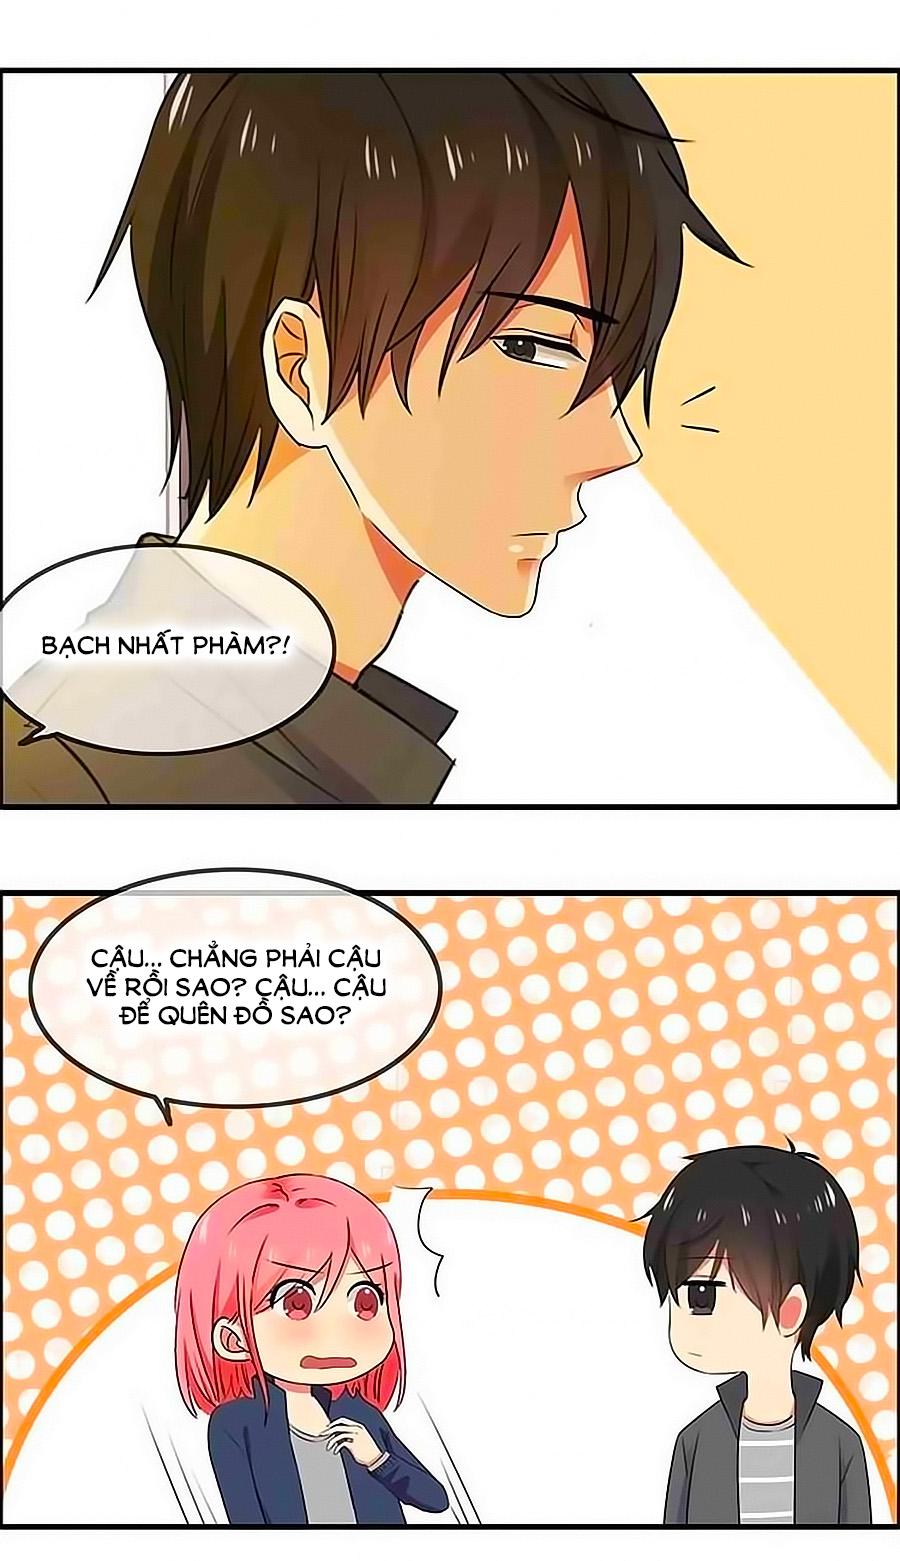 Đại Thần Tình Yêu Chớ Chạm Tôi Chap 32 Upload bởi Truyentranhmoi.net